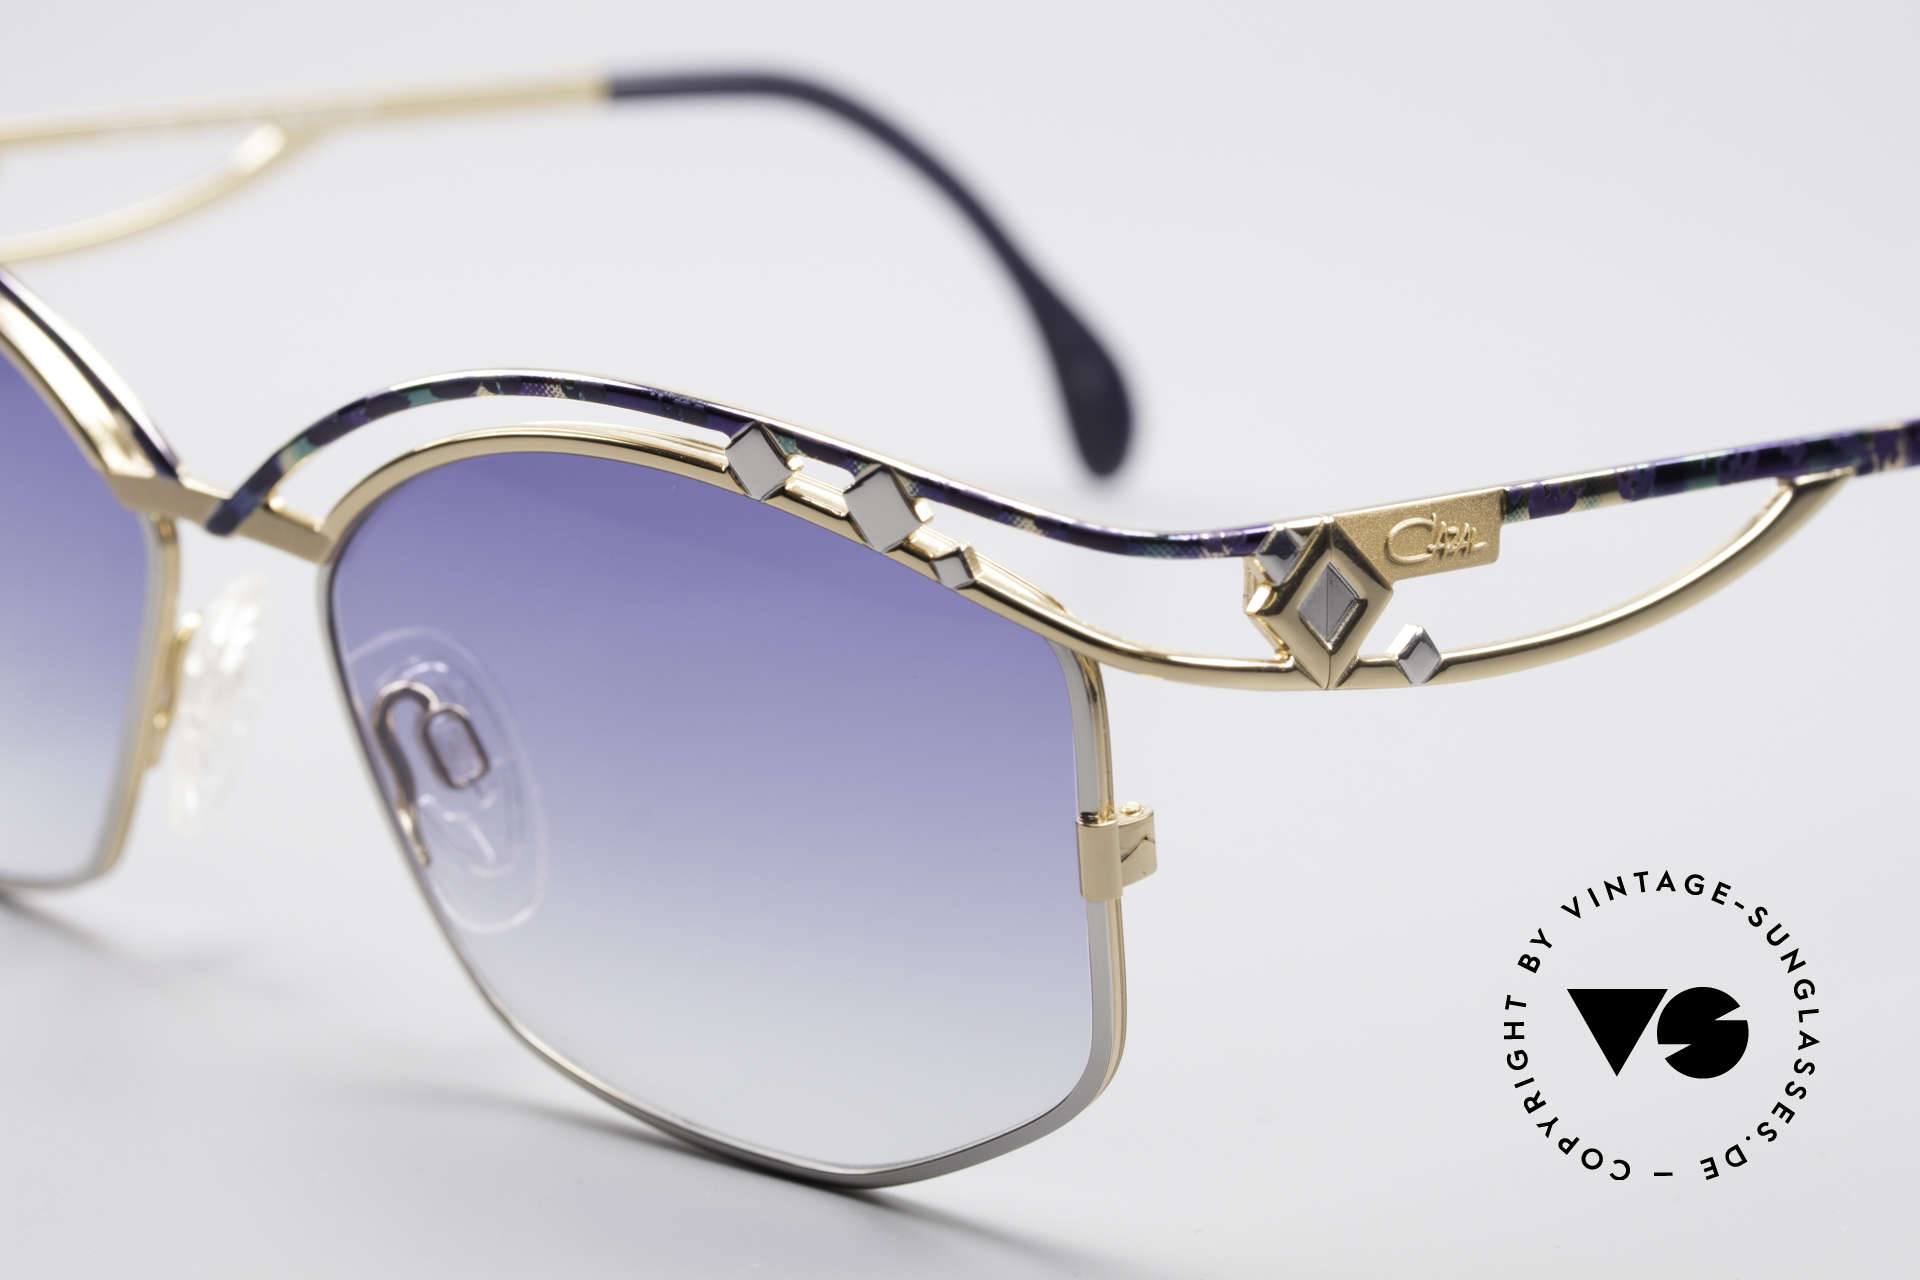 Cazal 280 Vintage Damen Sonnenbrille, ein wahrer Hingucker in herausragender Qualität, Passend für Damen